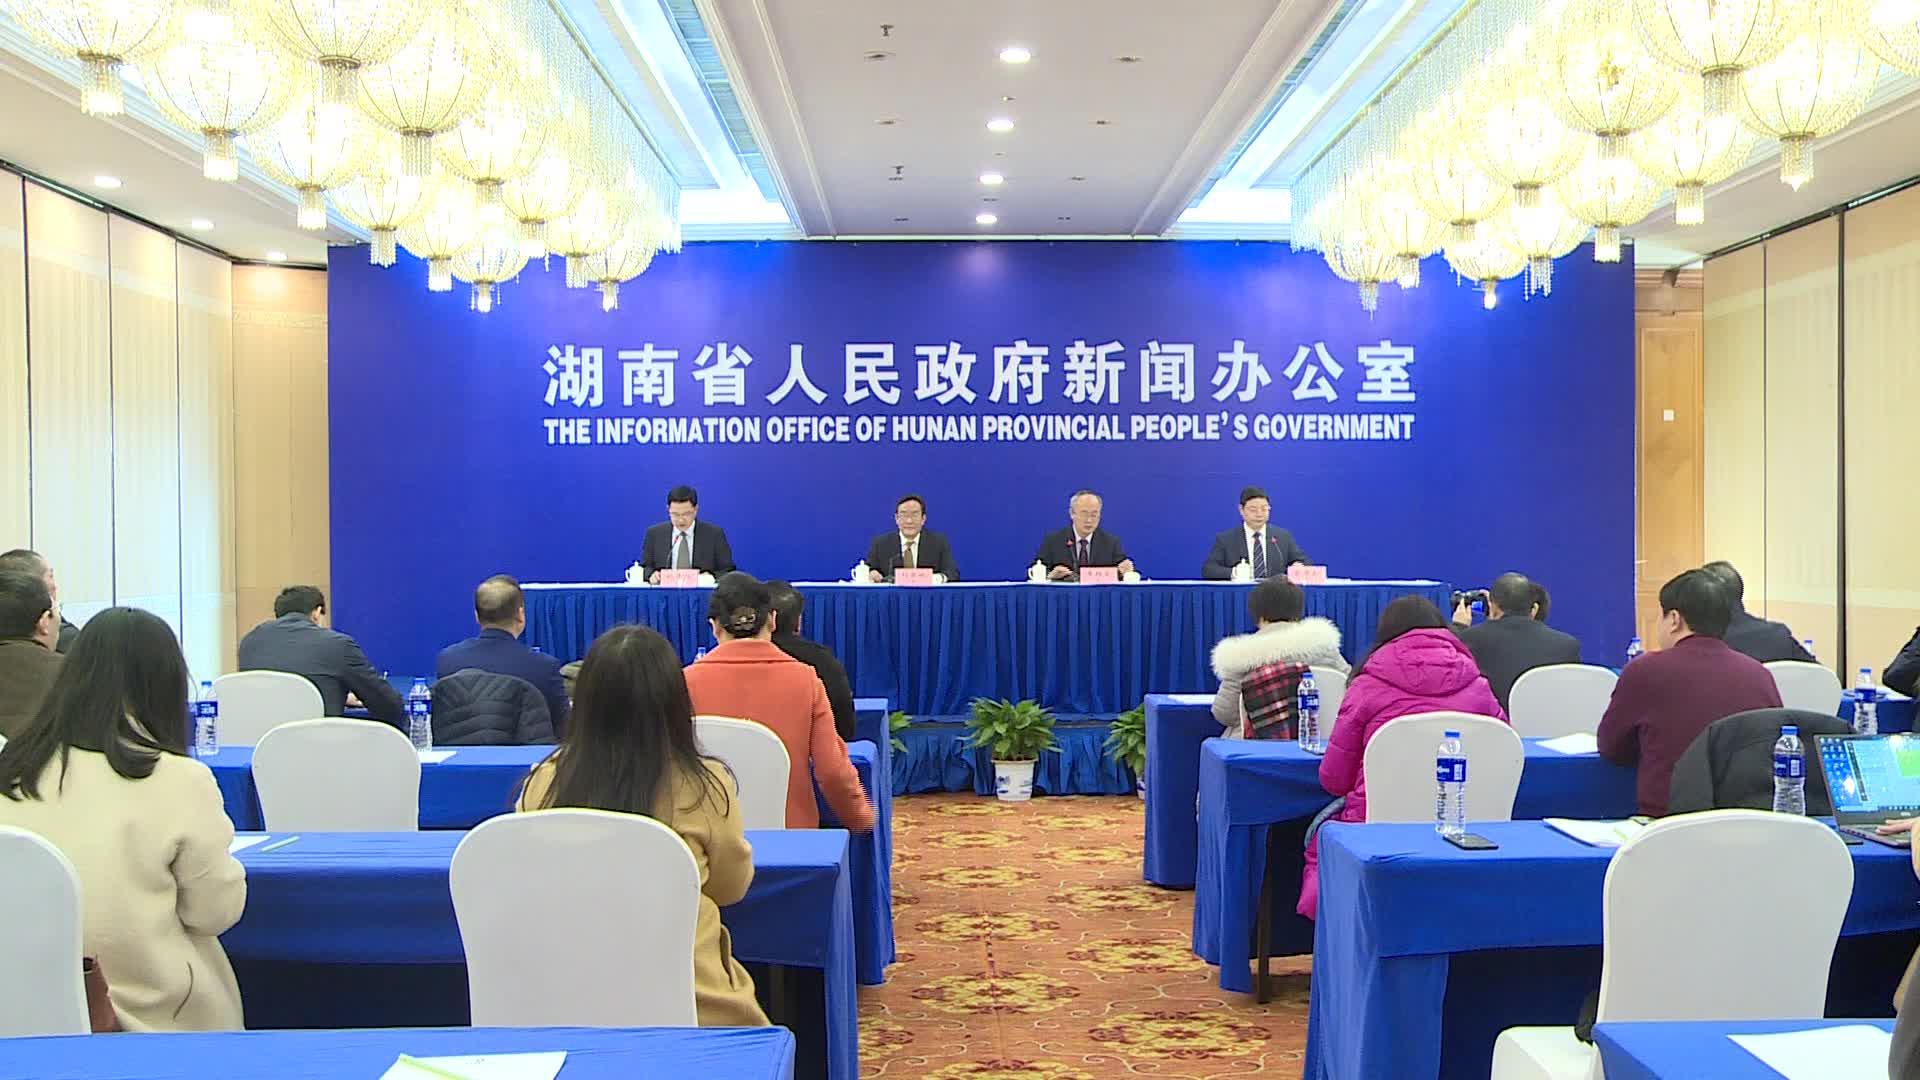 2018年湖南经济社会发展成绩单出炉 地区生产总值突破3.6万亿元